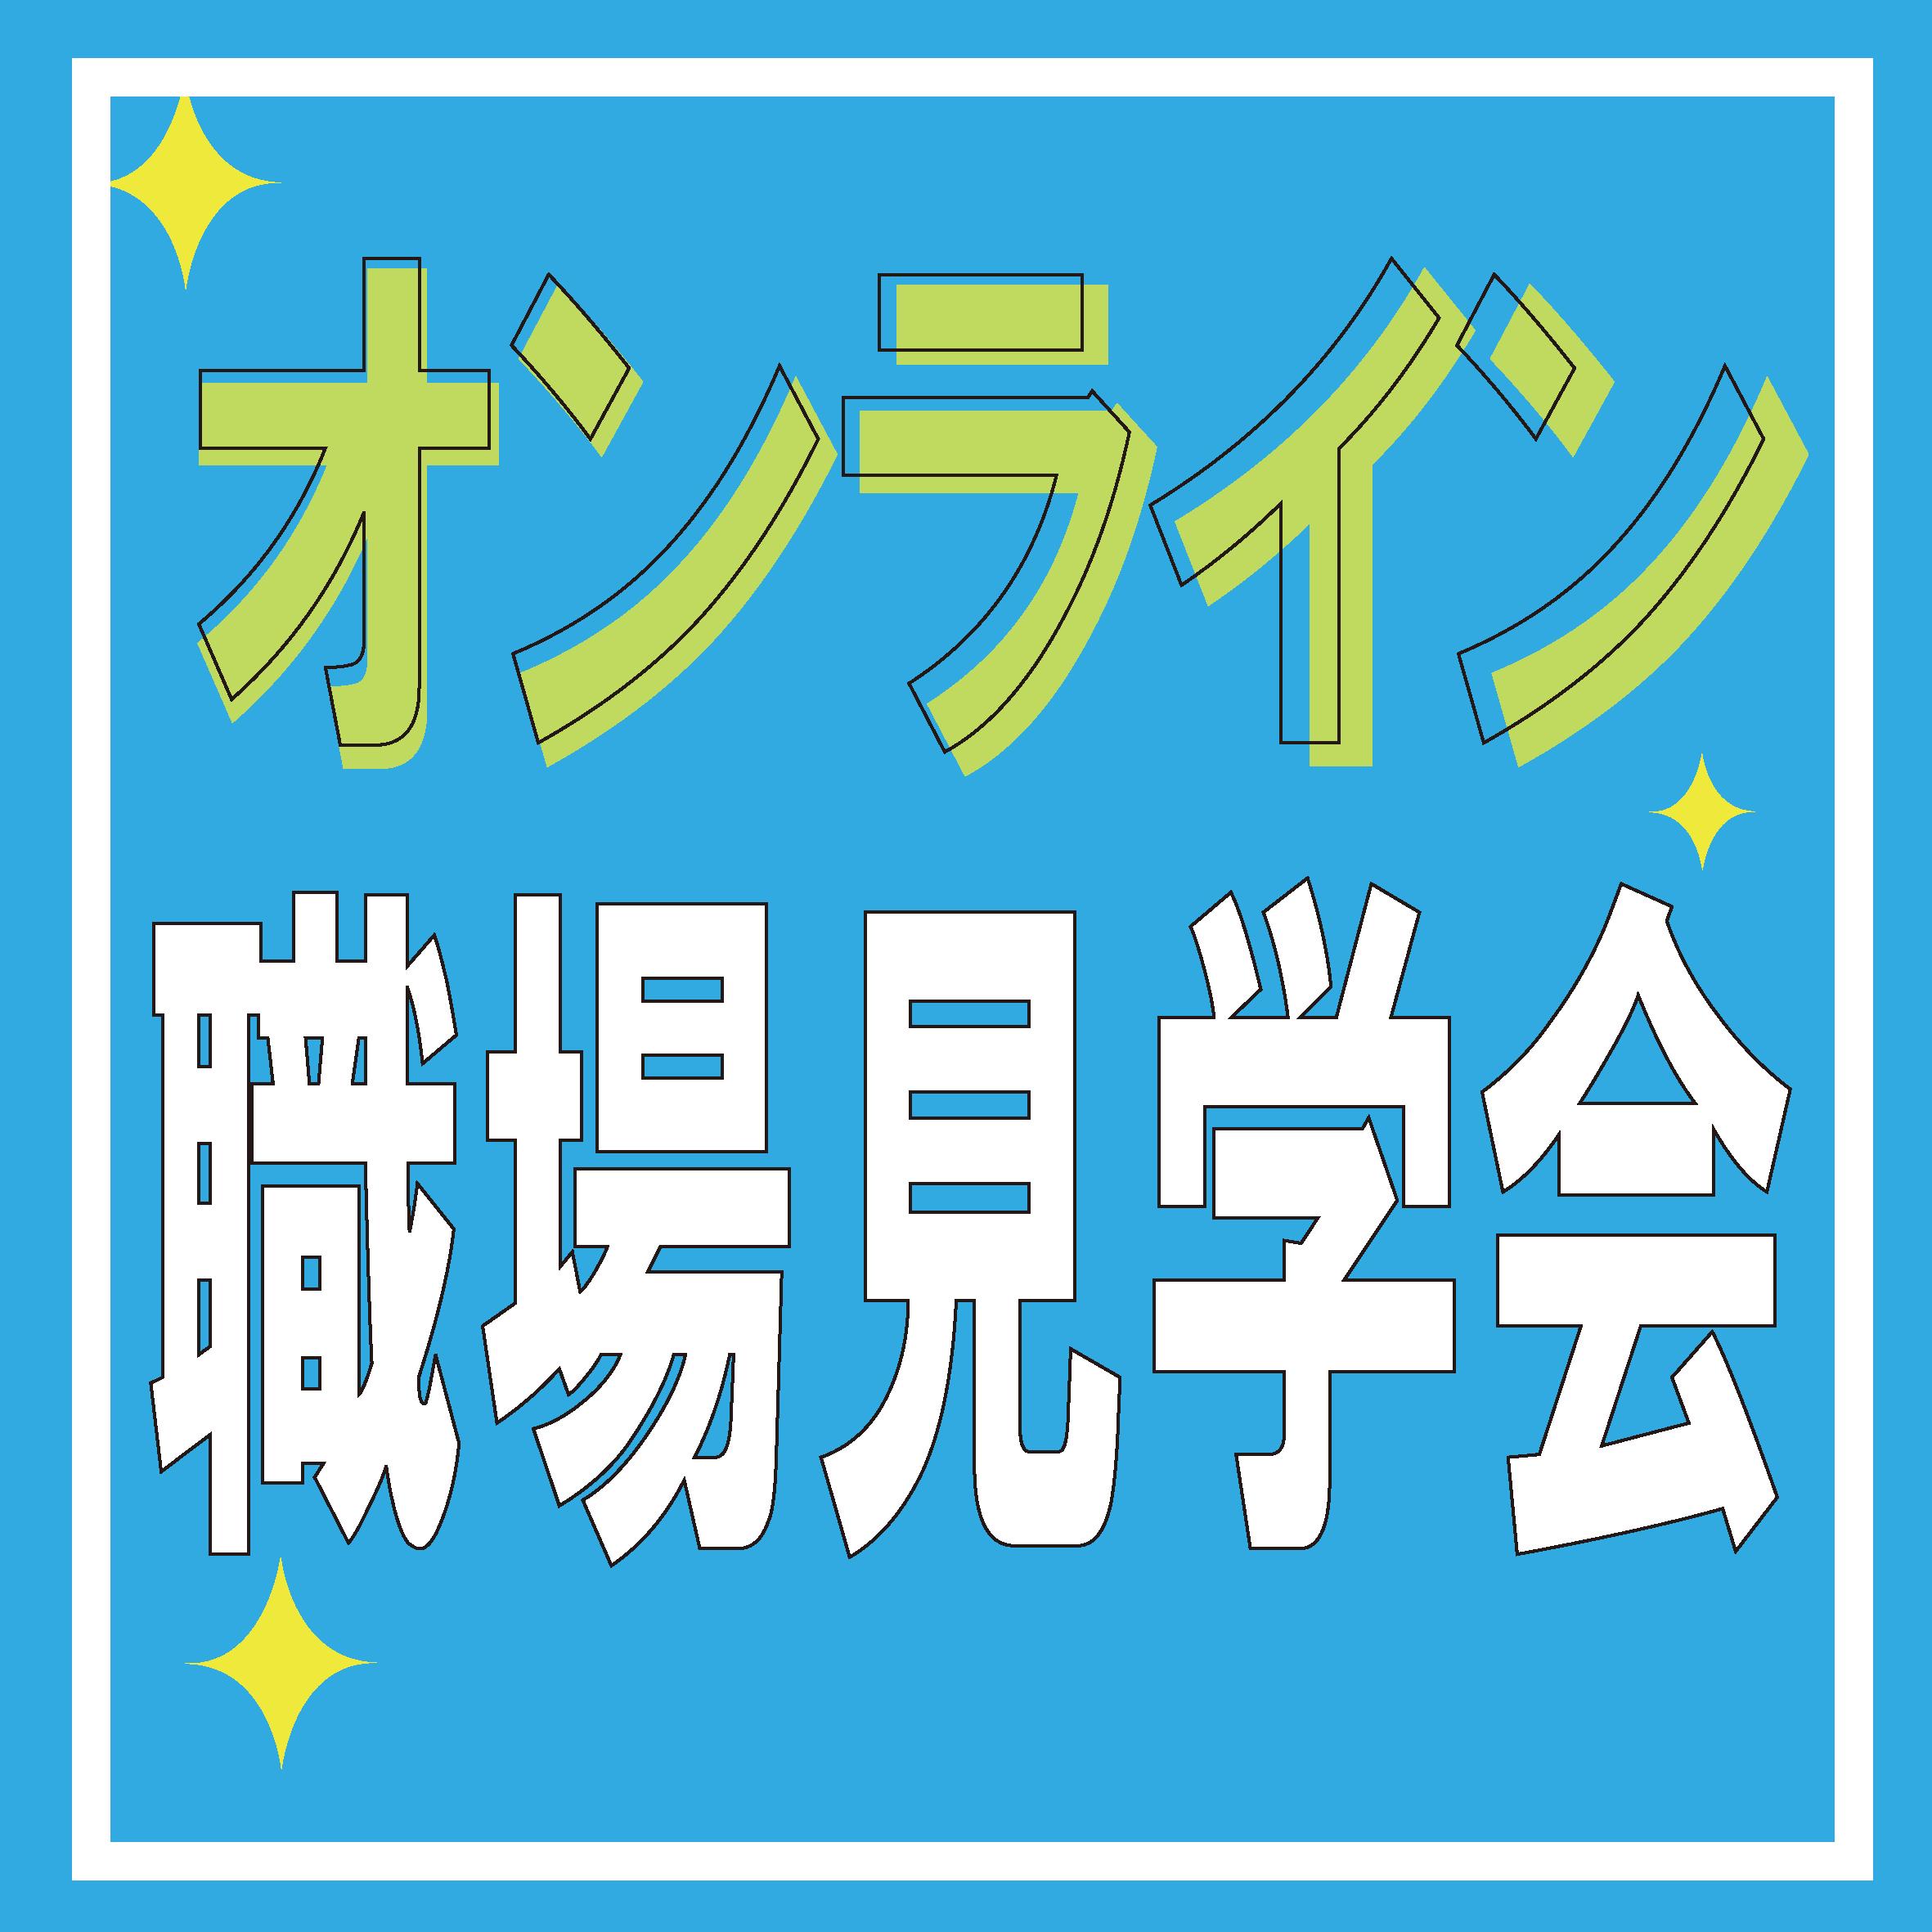 11/20(金)オンライン職場見学会 福祉業界編 (社福)まつど育成会